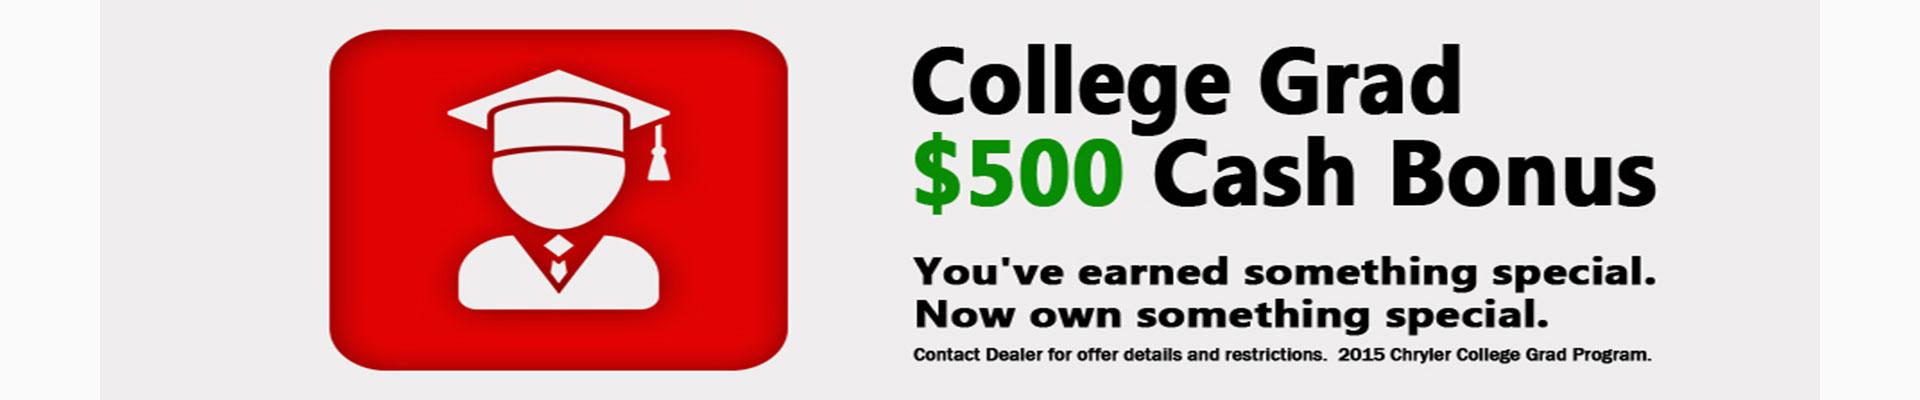 college Grand $500 cash bonus